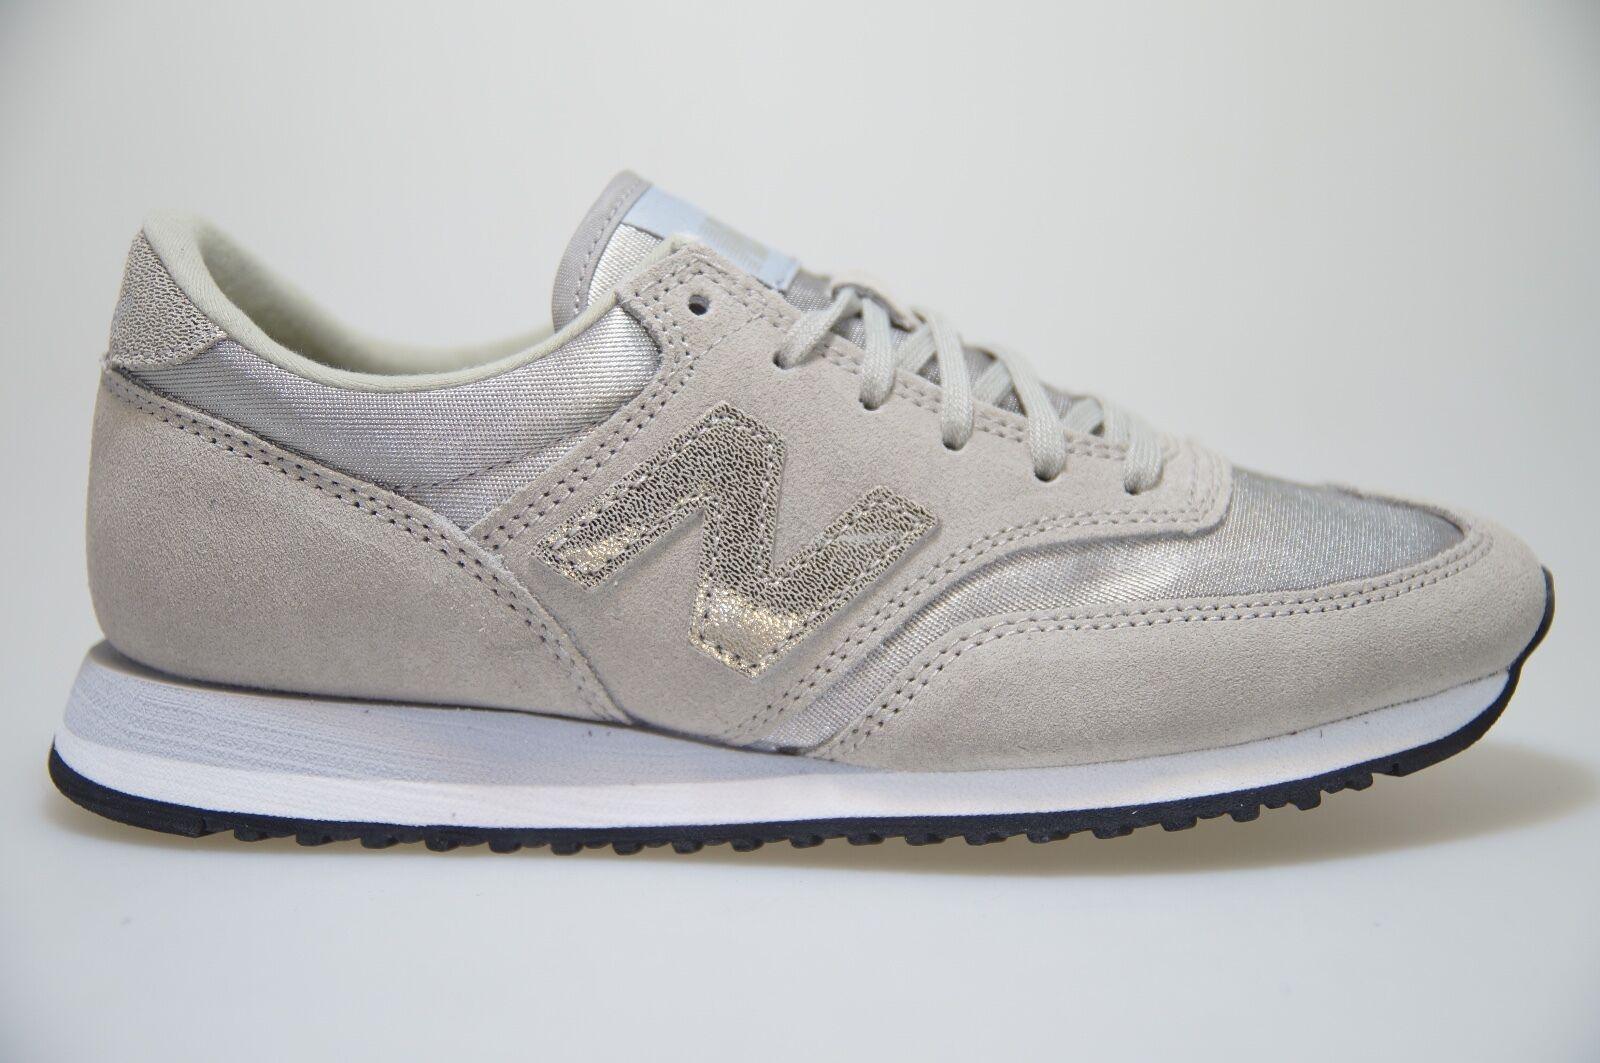 Zapatos promocionales para hombres y mujeres New Balance CW 620 FMB grau Schuhe Sneaker Frauen 561381-50-6